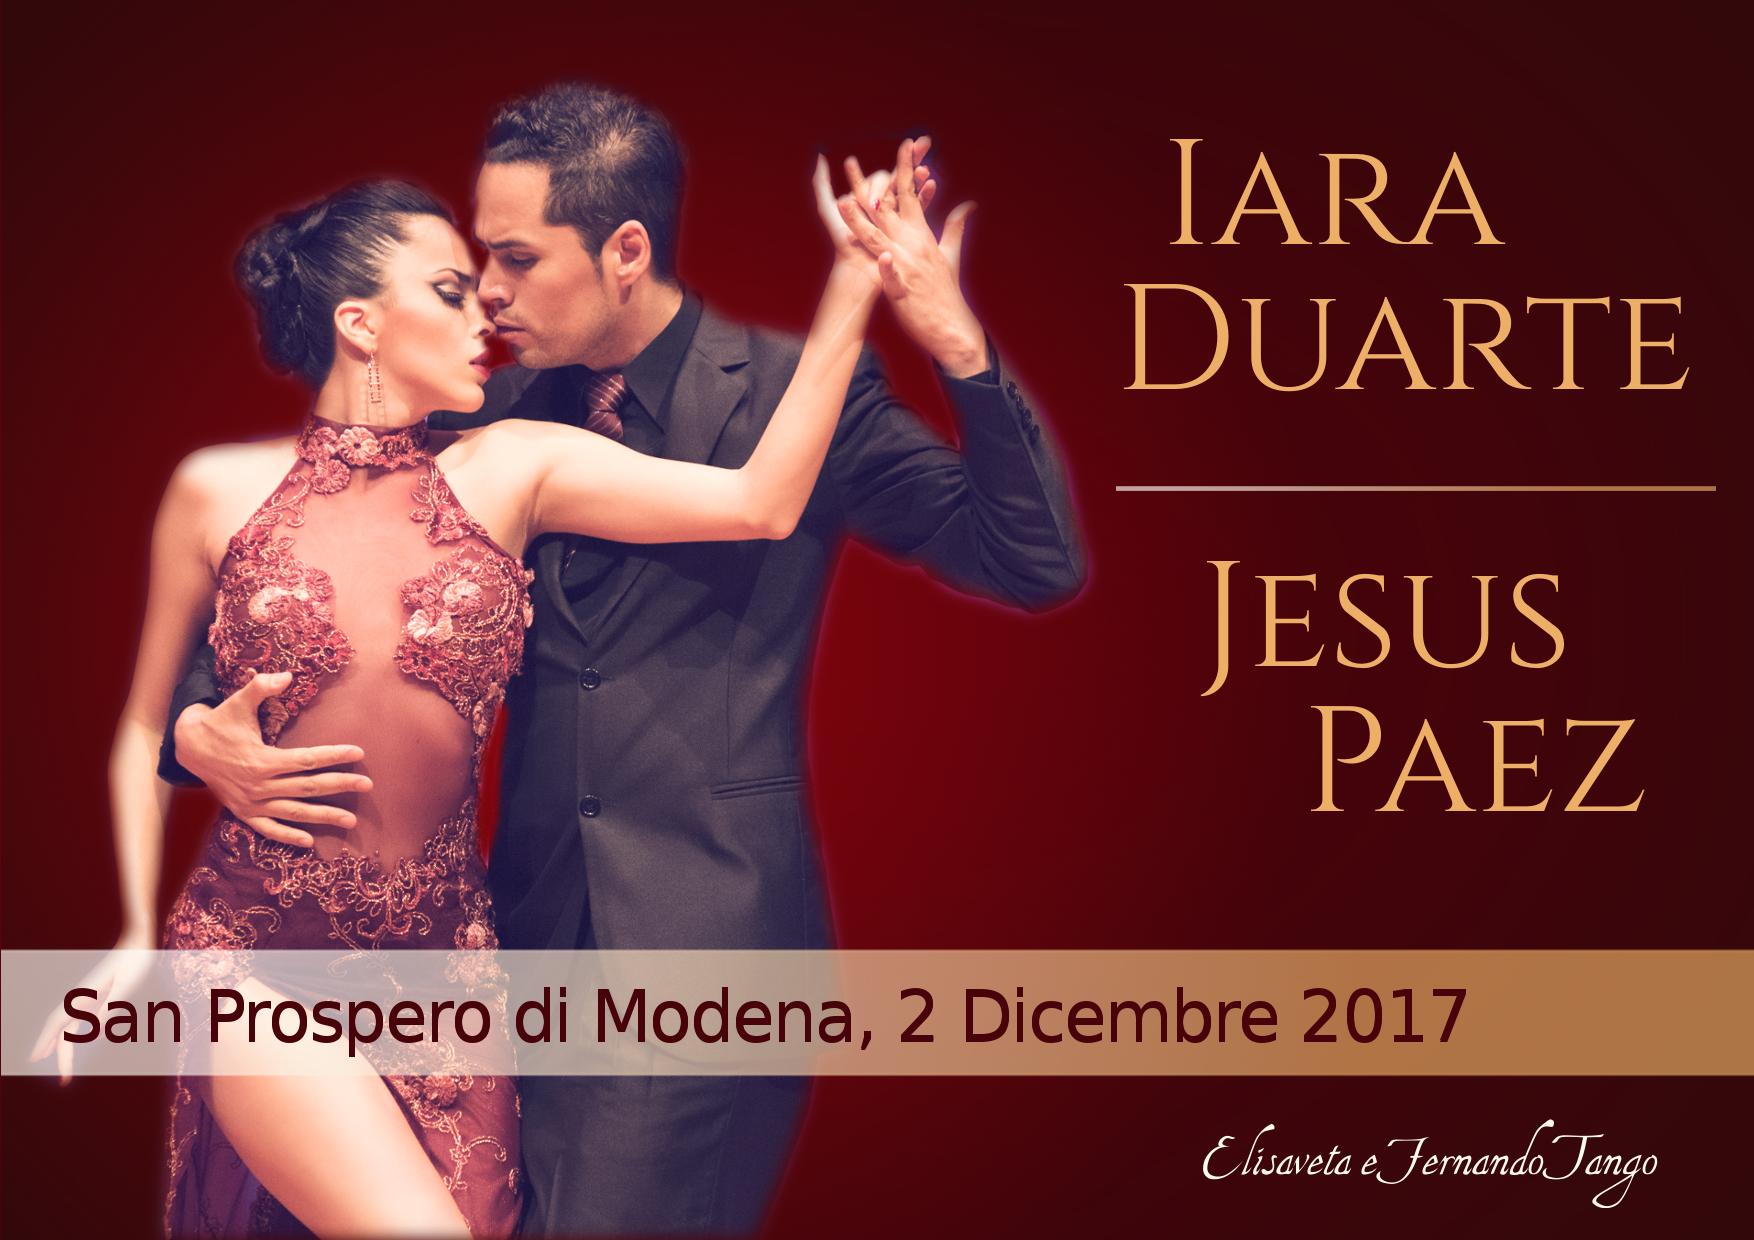 Jesus Paez e Iara Duarte